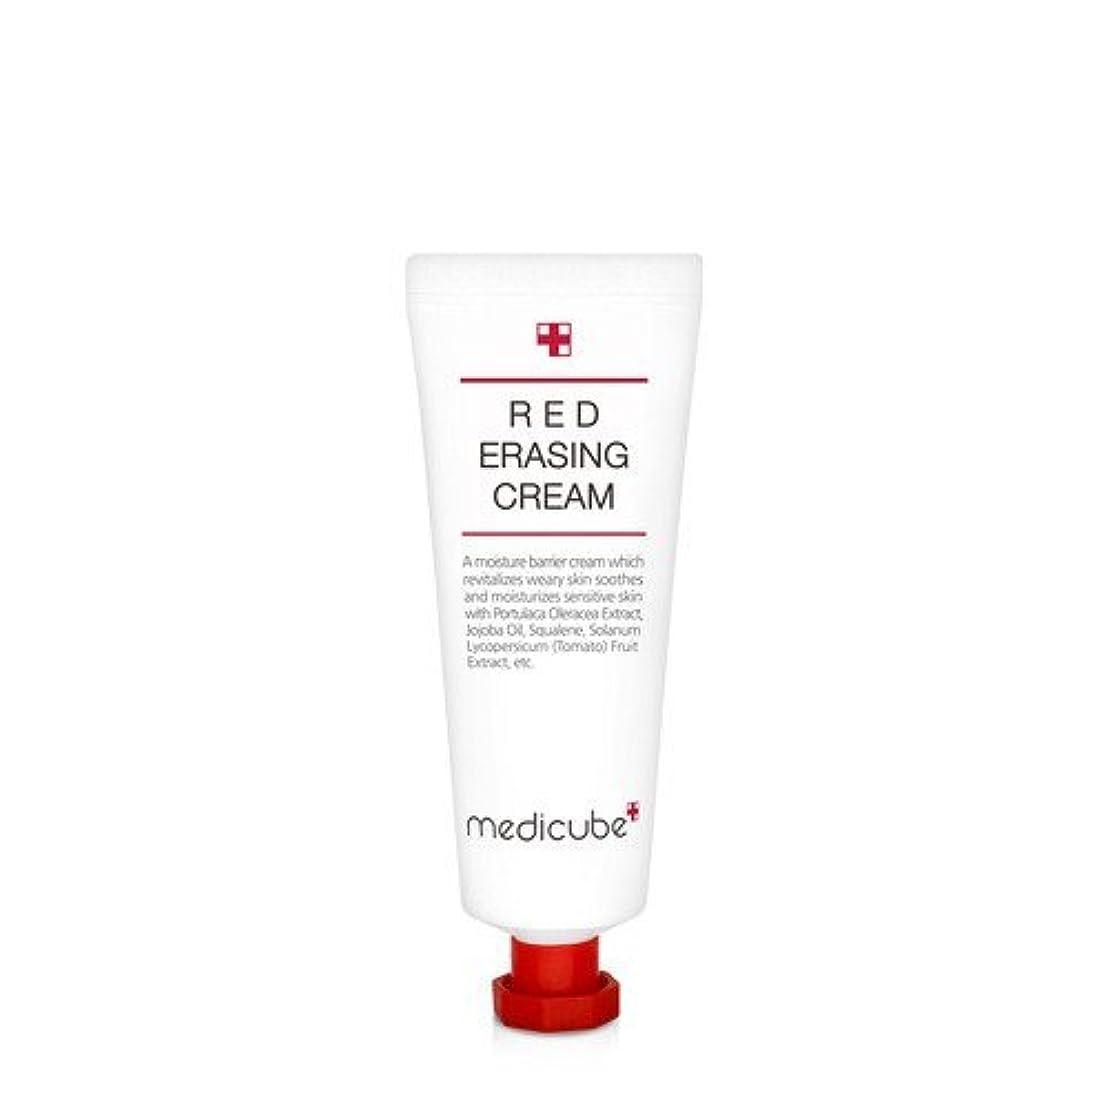 蒸発飢えた辛い[Medicube]Red Erasing Cream 50g / メディキューブレッドイレイジングクリーム / 正品?海外直送商品 [並行輸入品]